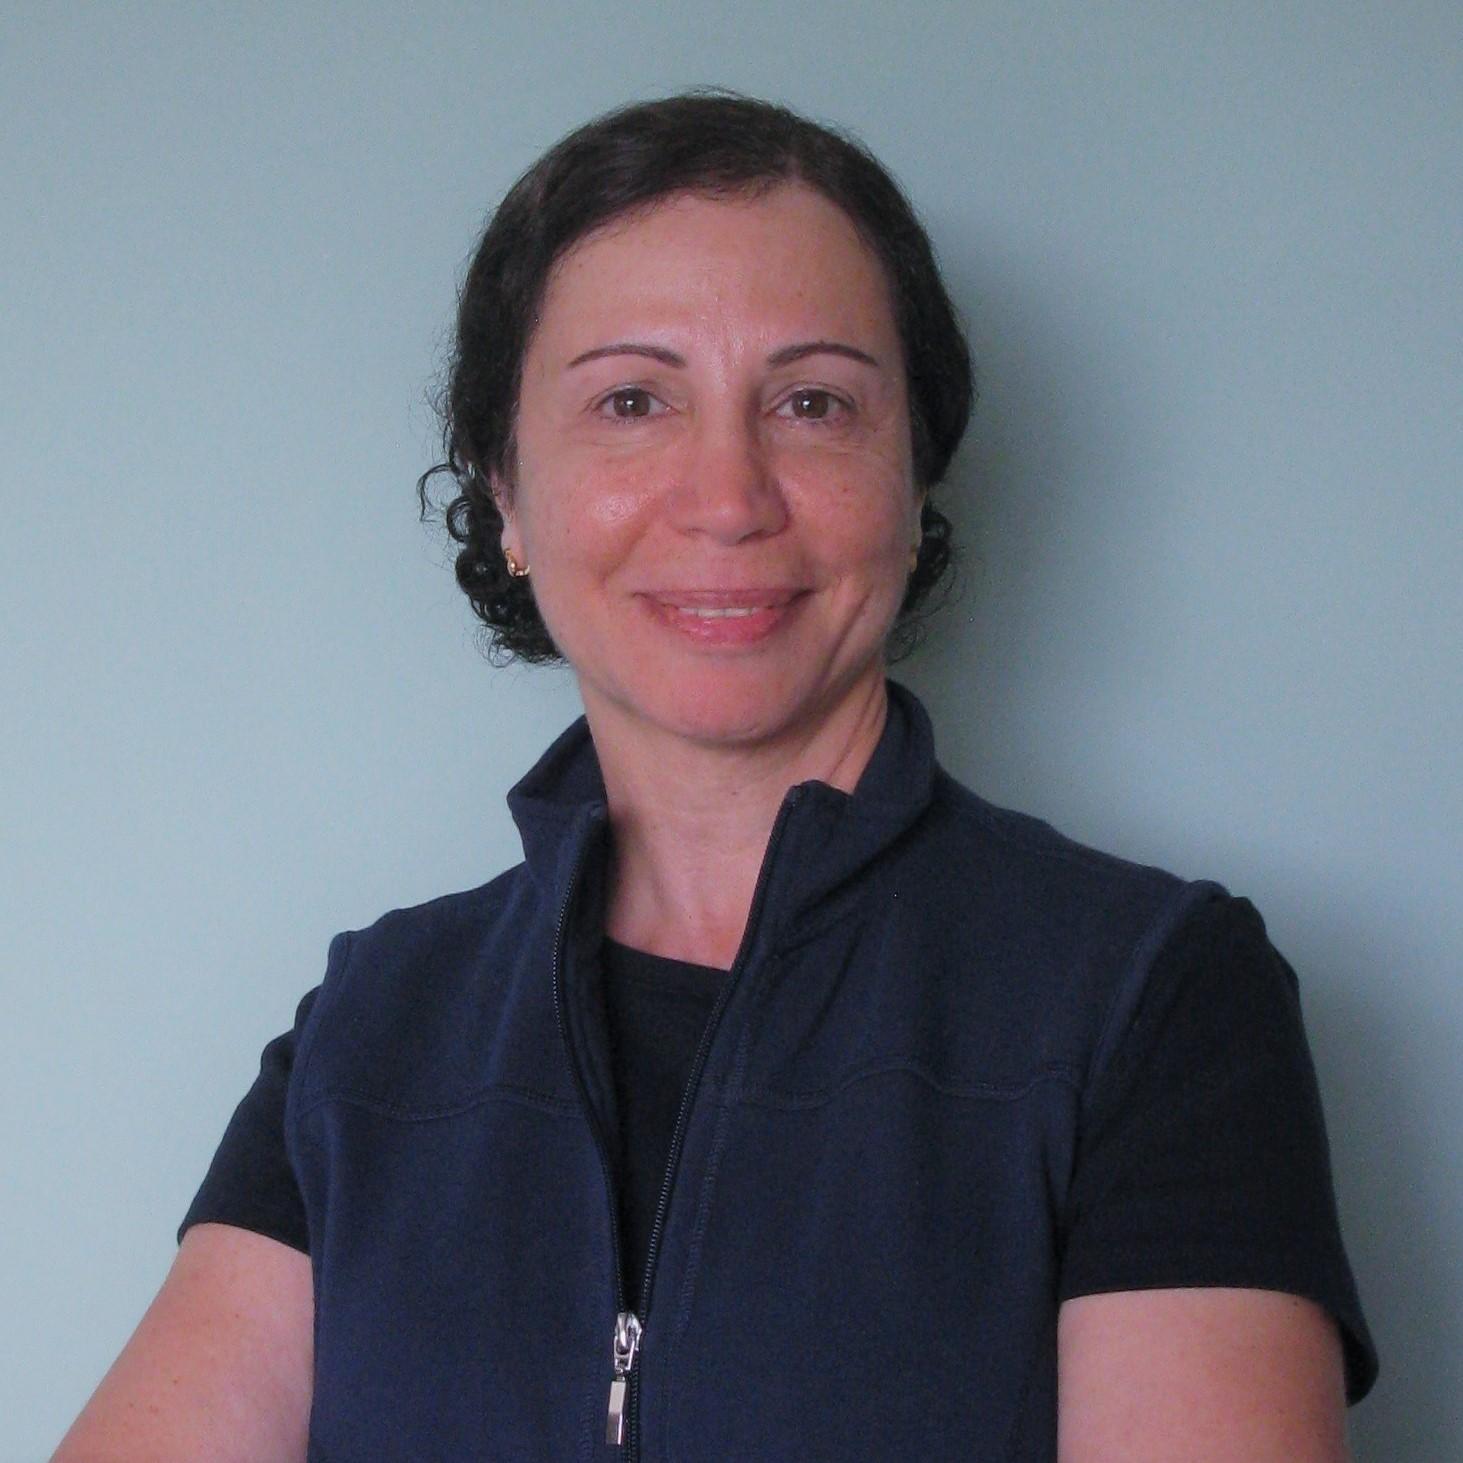 Professor Samia Chreim